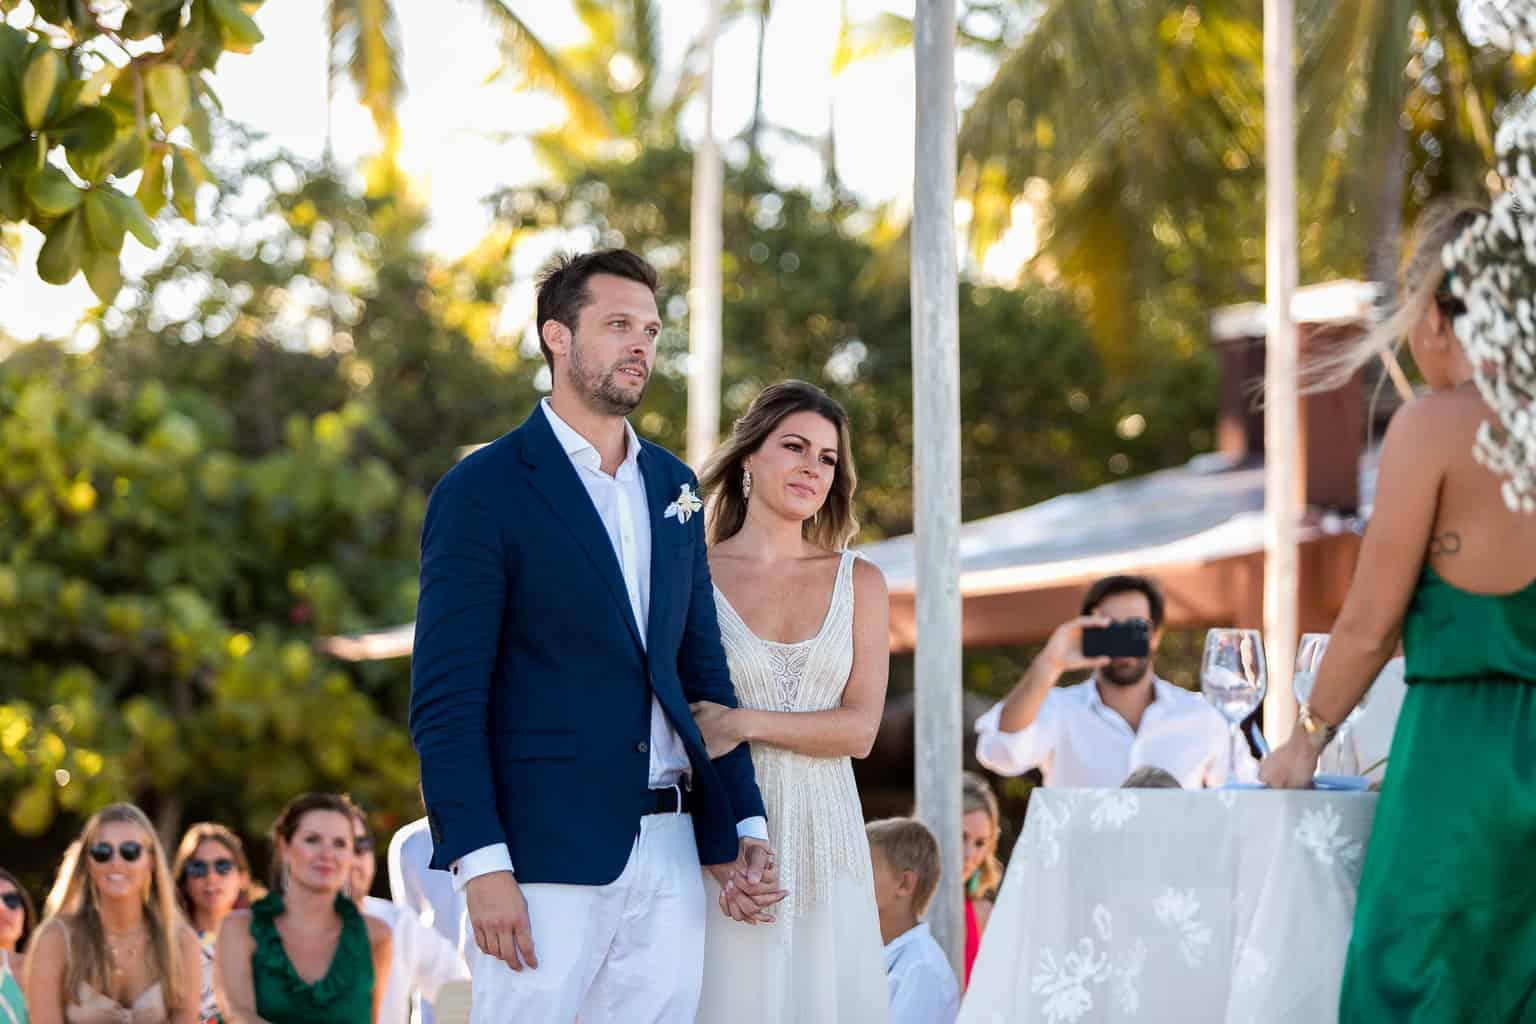 Casamento-Victoria-e-Christian-Fotografia-Tiago-Saldanha-Cerimônia285_MG_0816